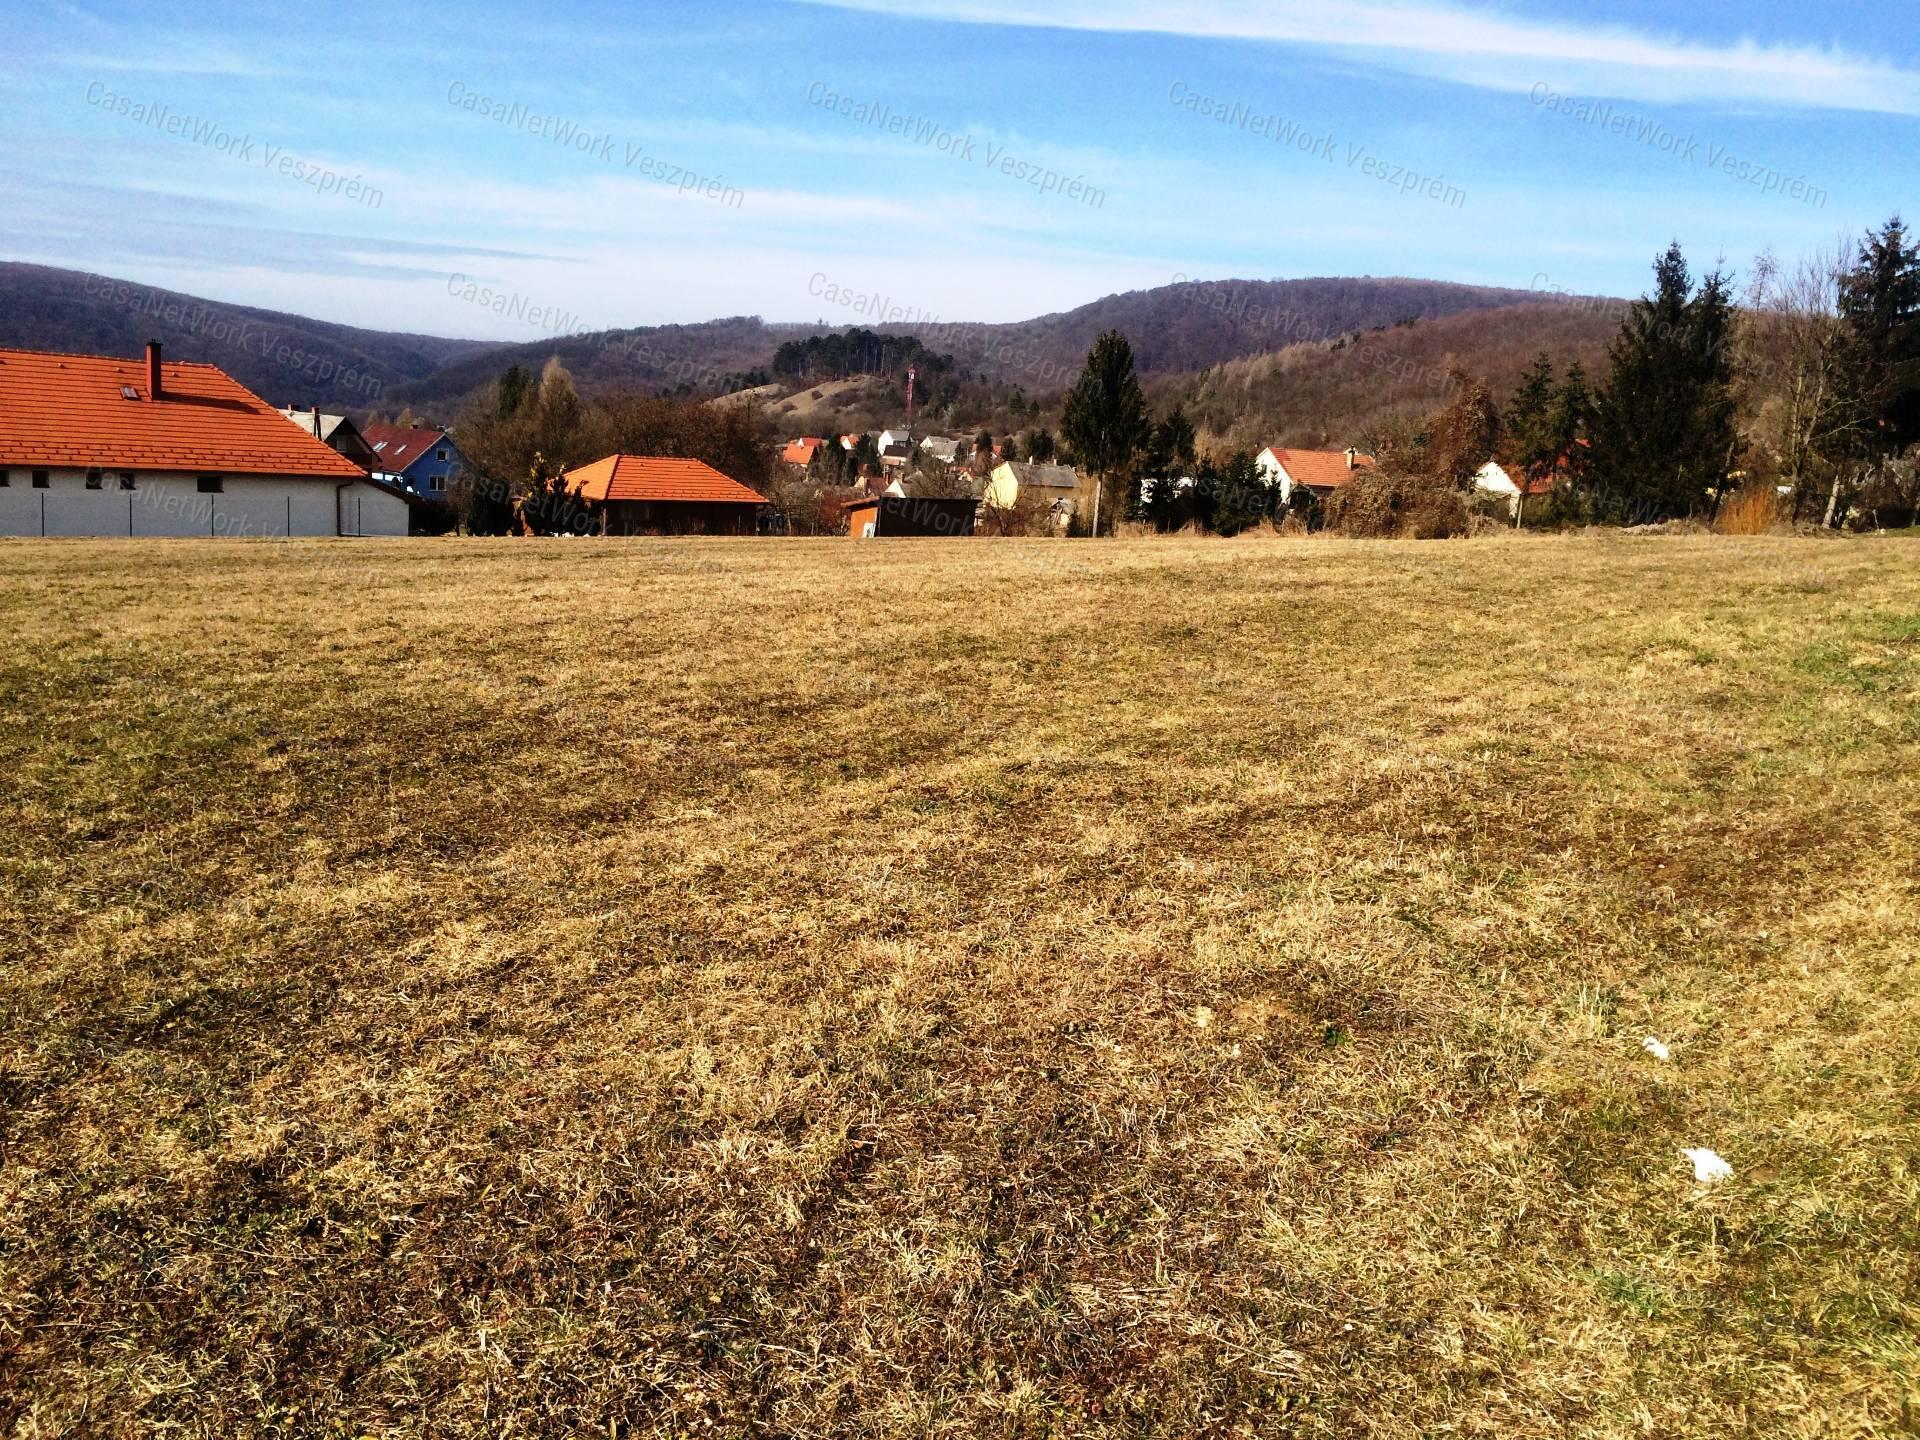 Eladó építési telek, Veszprém megye, Bakonybél - sz.: 156201155 - CasaNetWork.hu